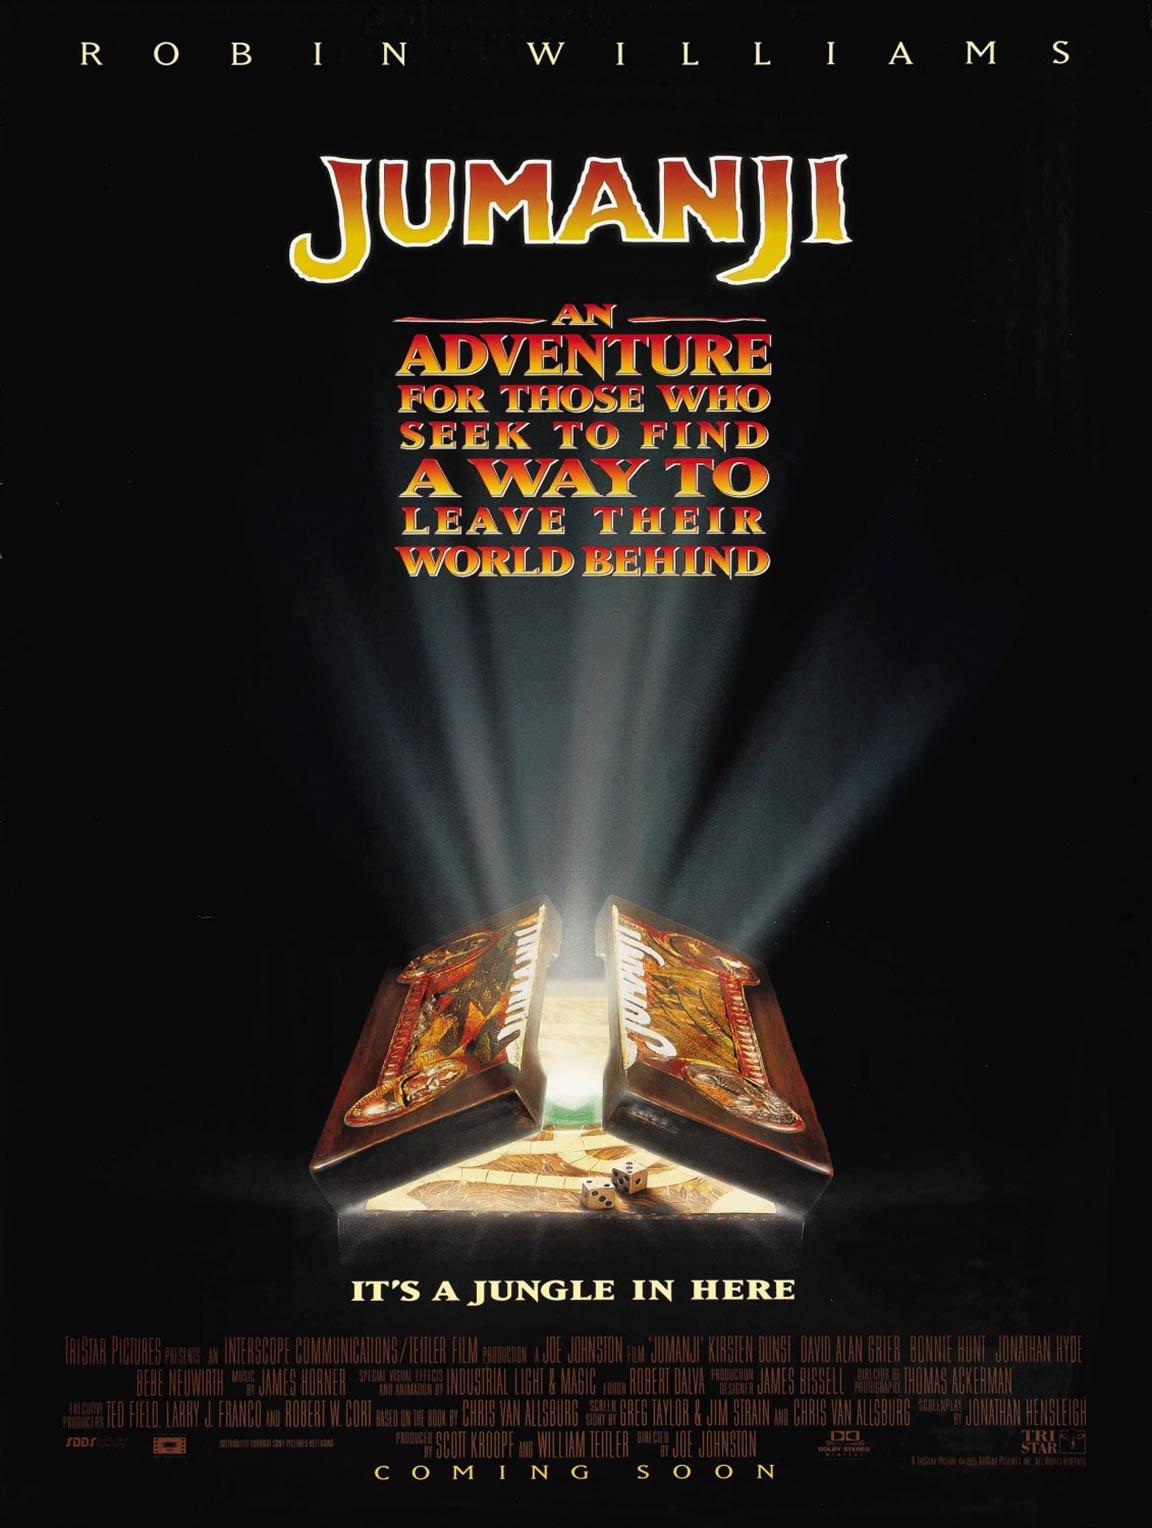 Jumanji Poster #2